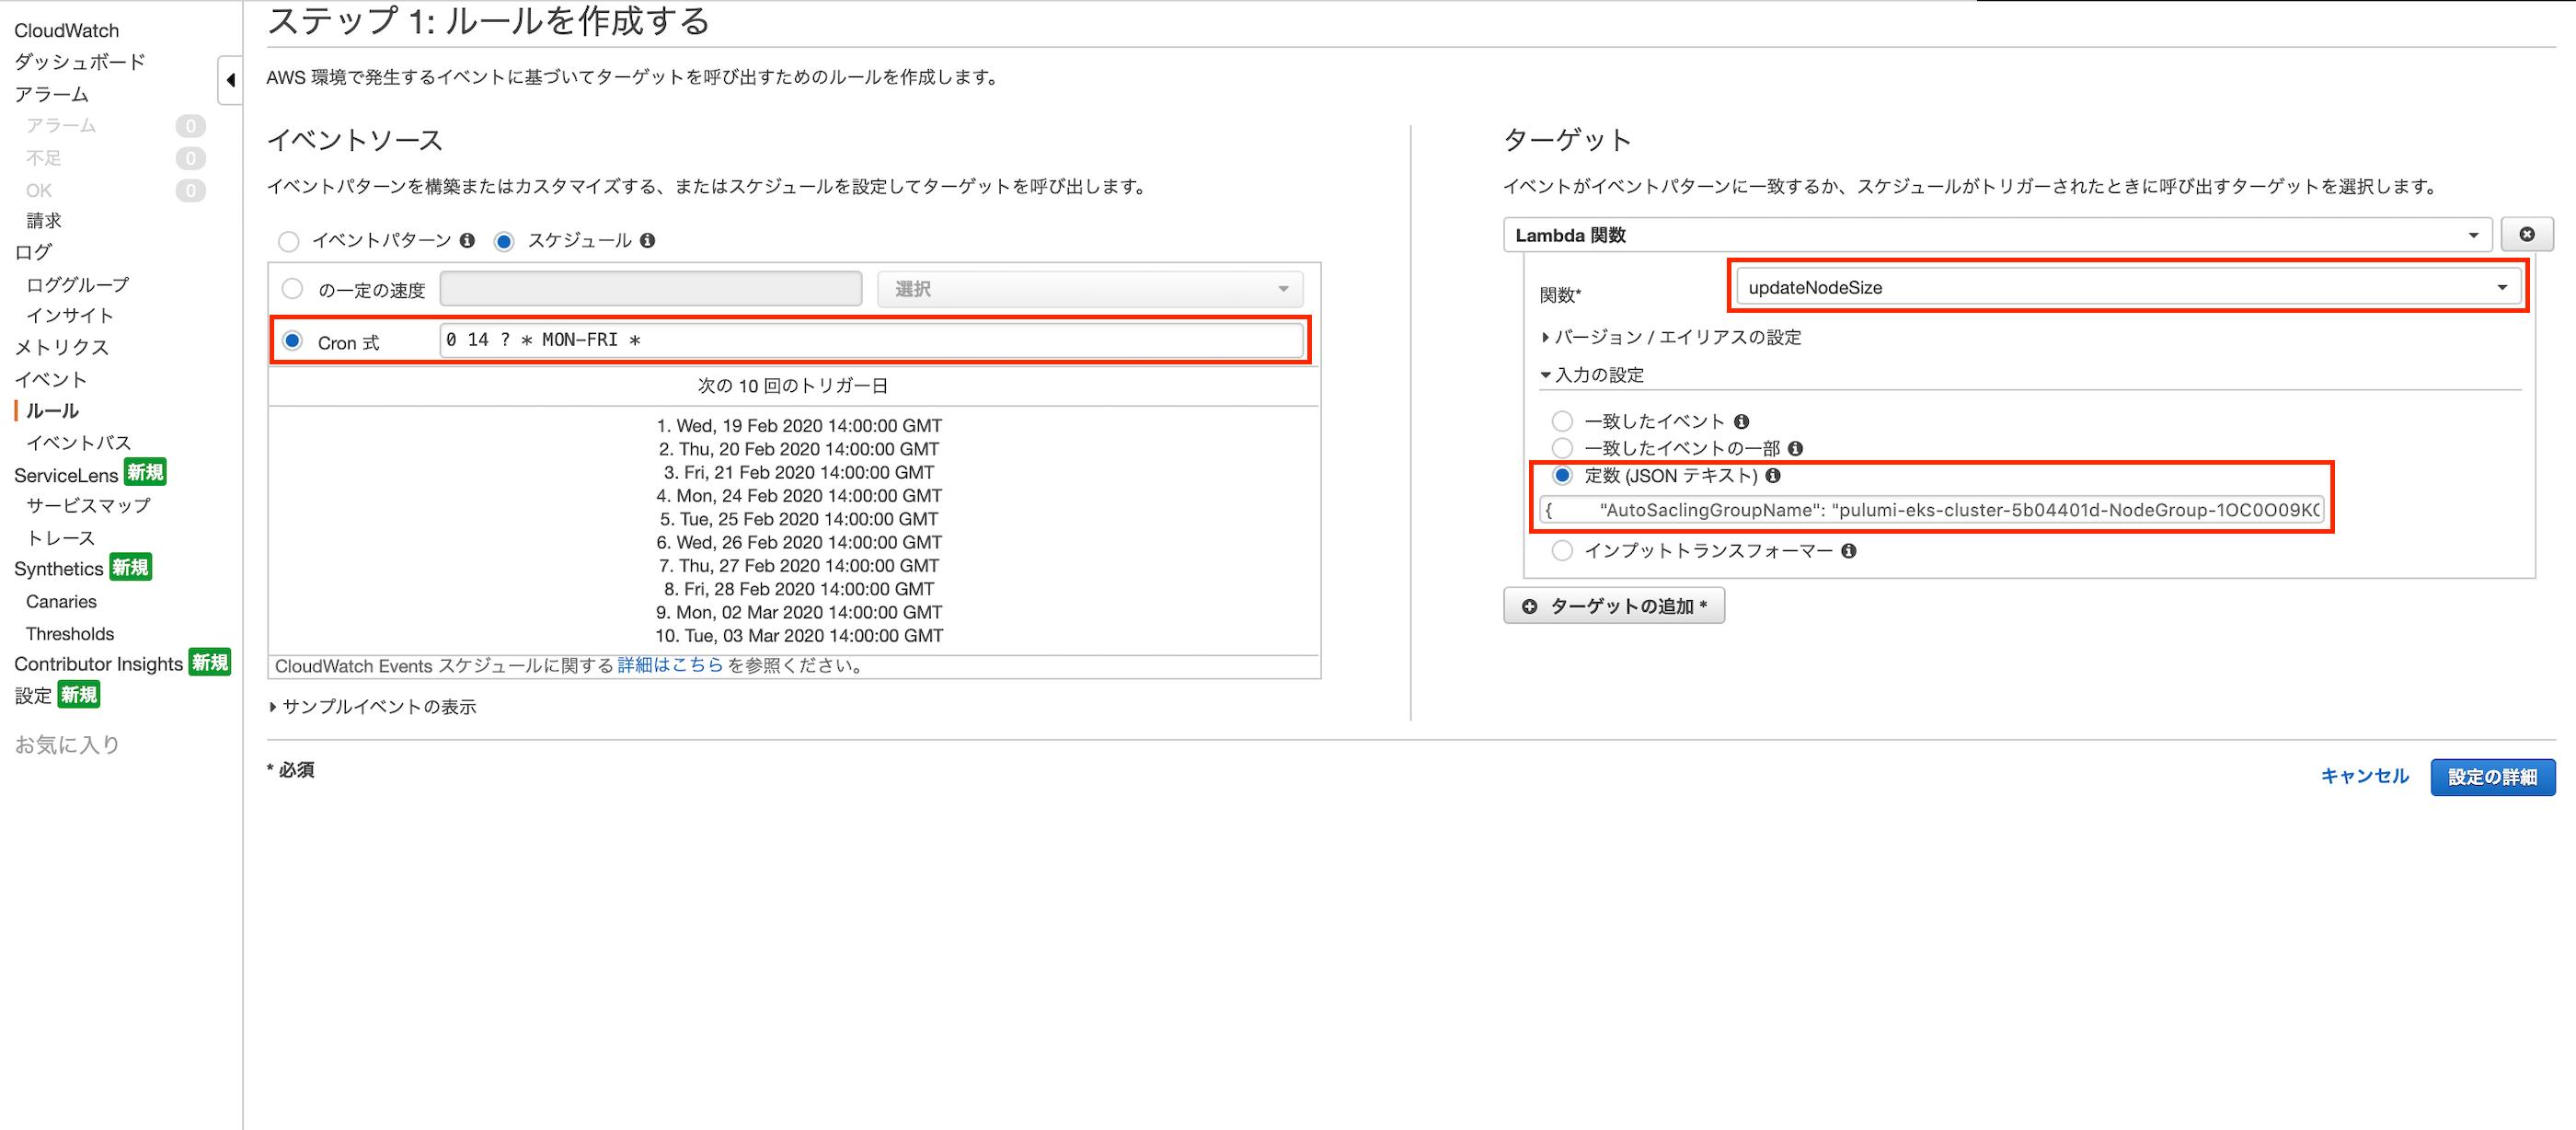 スクリーンショット 2020-02-19 0.44.02.png